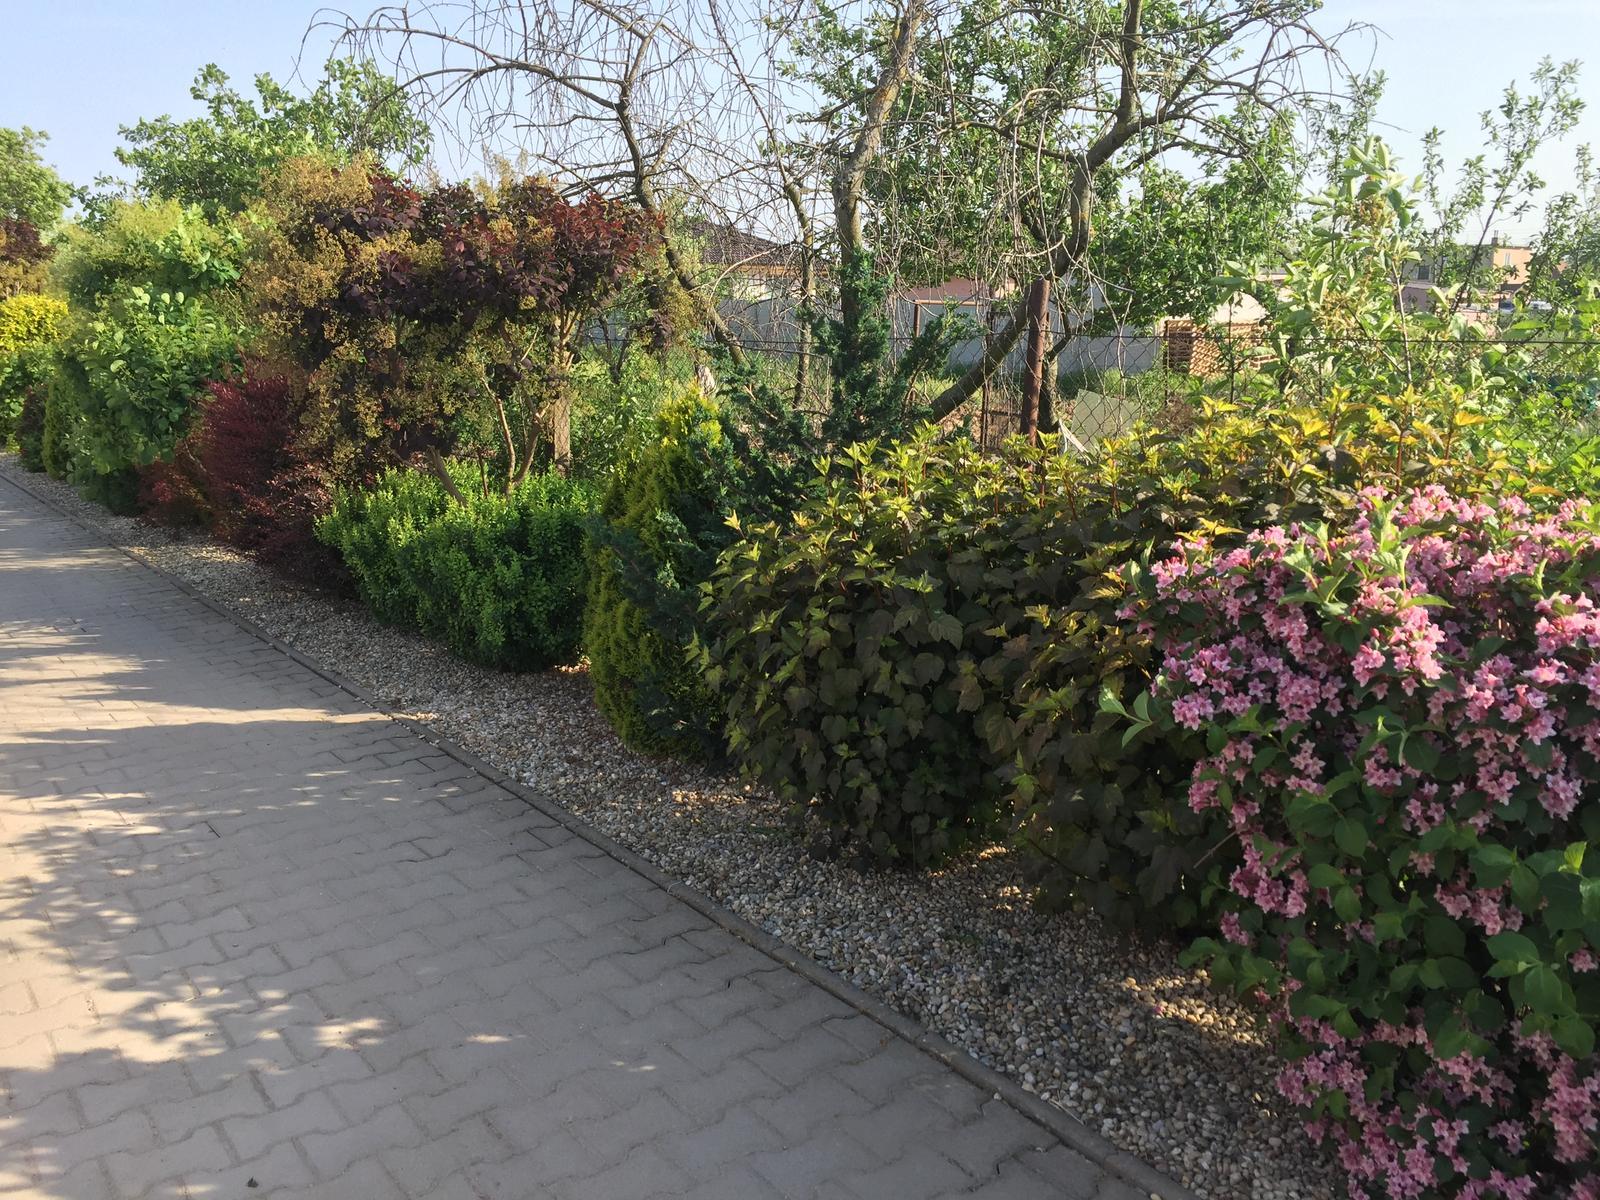 Okolie domu - Tento živý plot som sadila u mojich rodičov pred5.rokmi. Predstavujem si to aj u mna  na dvore len nejako sa tie naše stavebné úpravy naťahujú :(